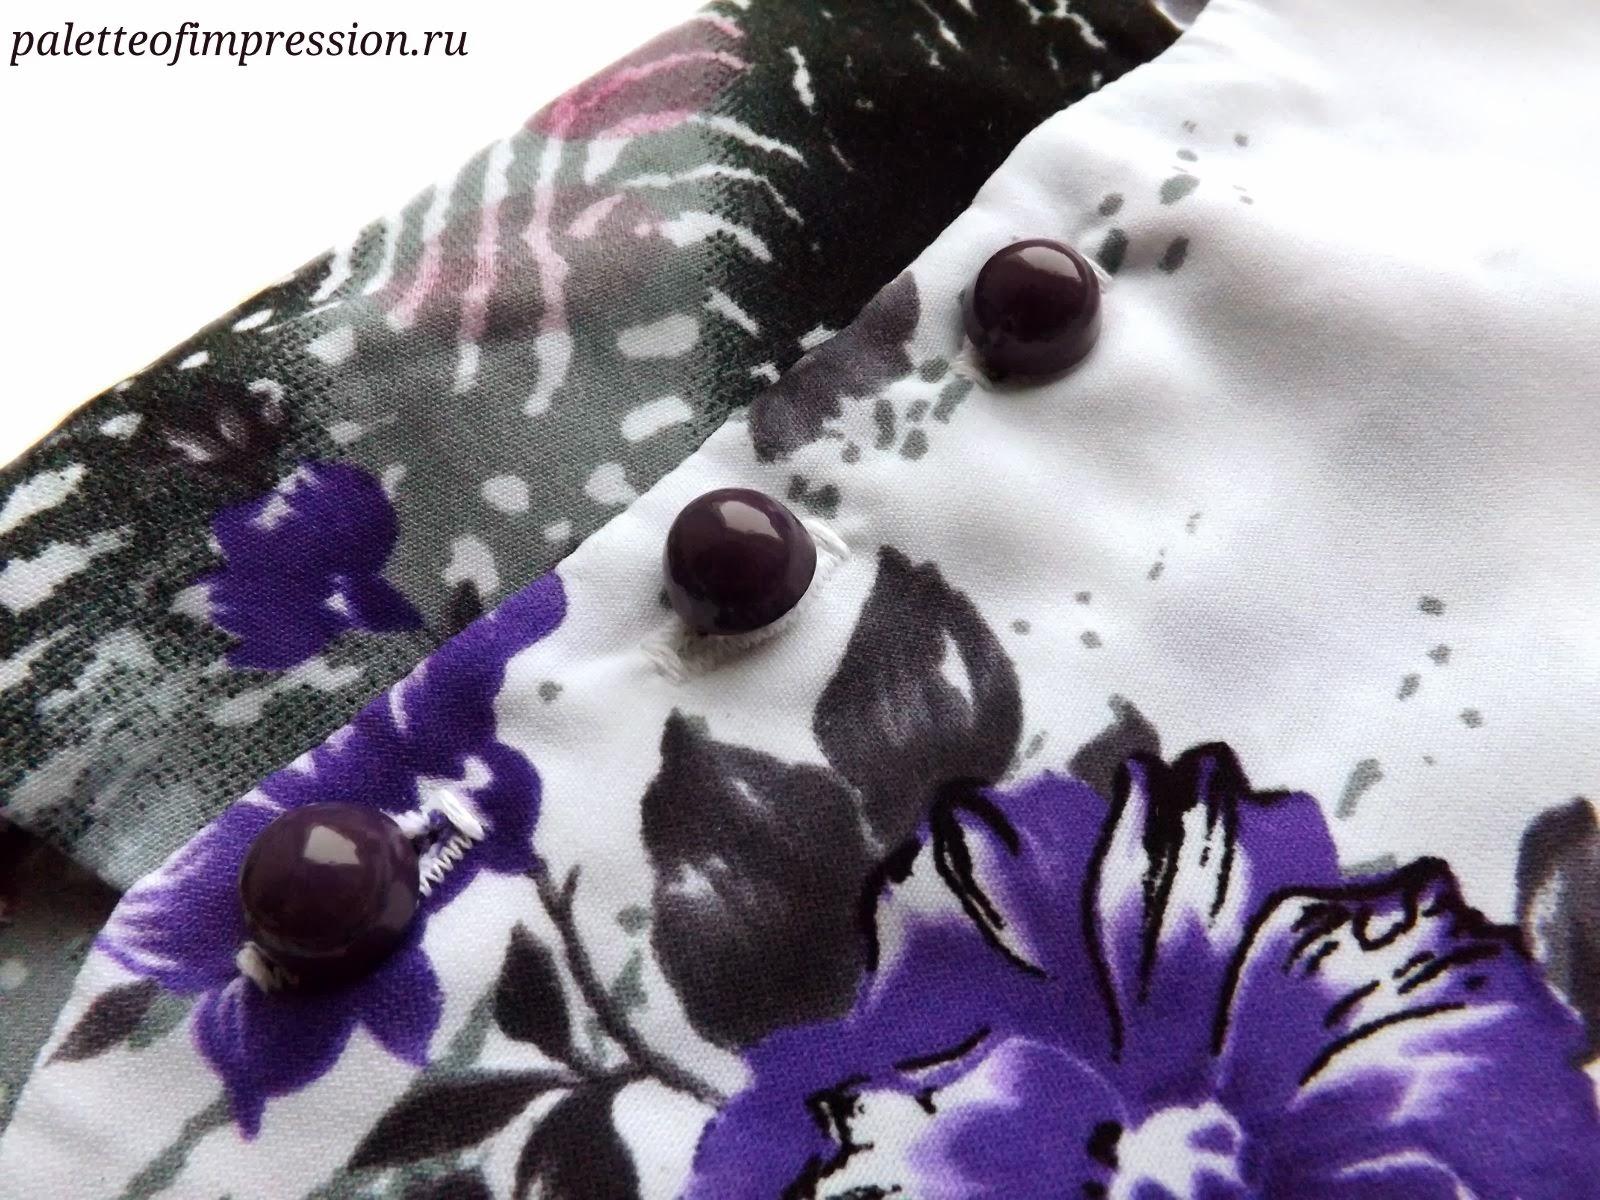 Платье прямого силуэта из плательной вискозы. Выкройка Burda 7/2012. Блог Вся палитра впечатлений.